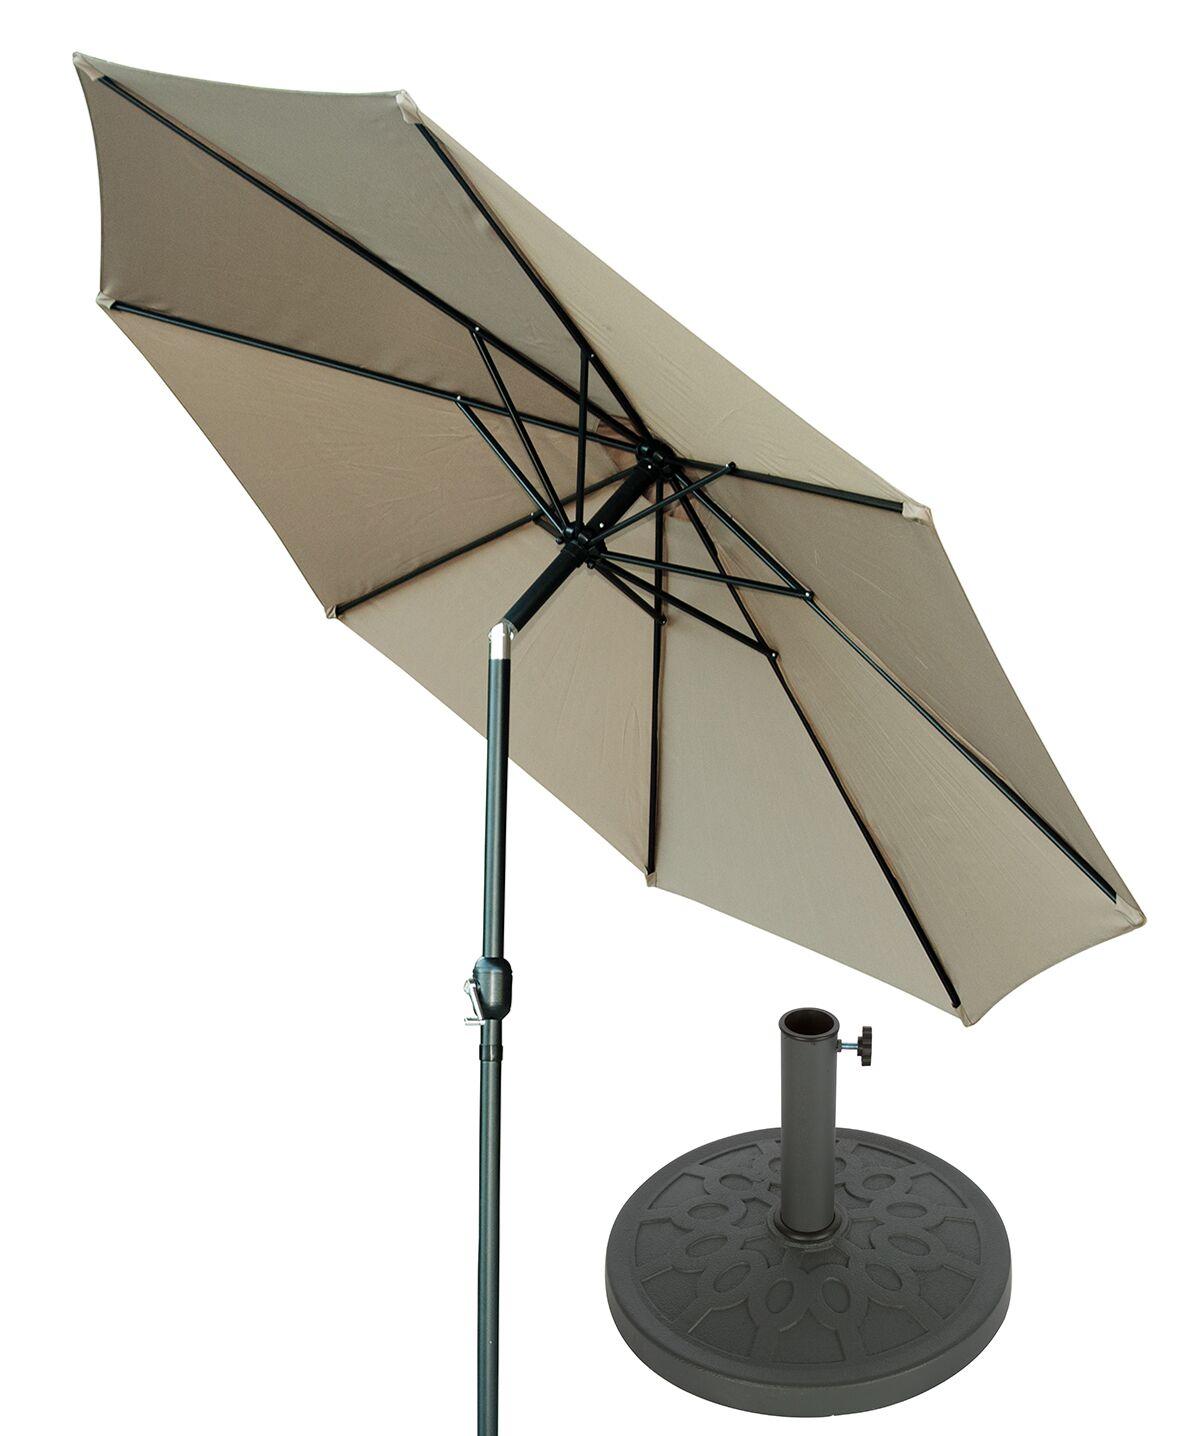 10' Market Umbrella Fabric: Tan